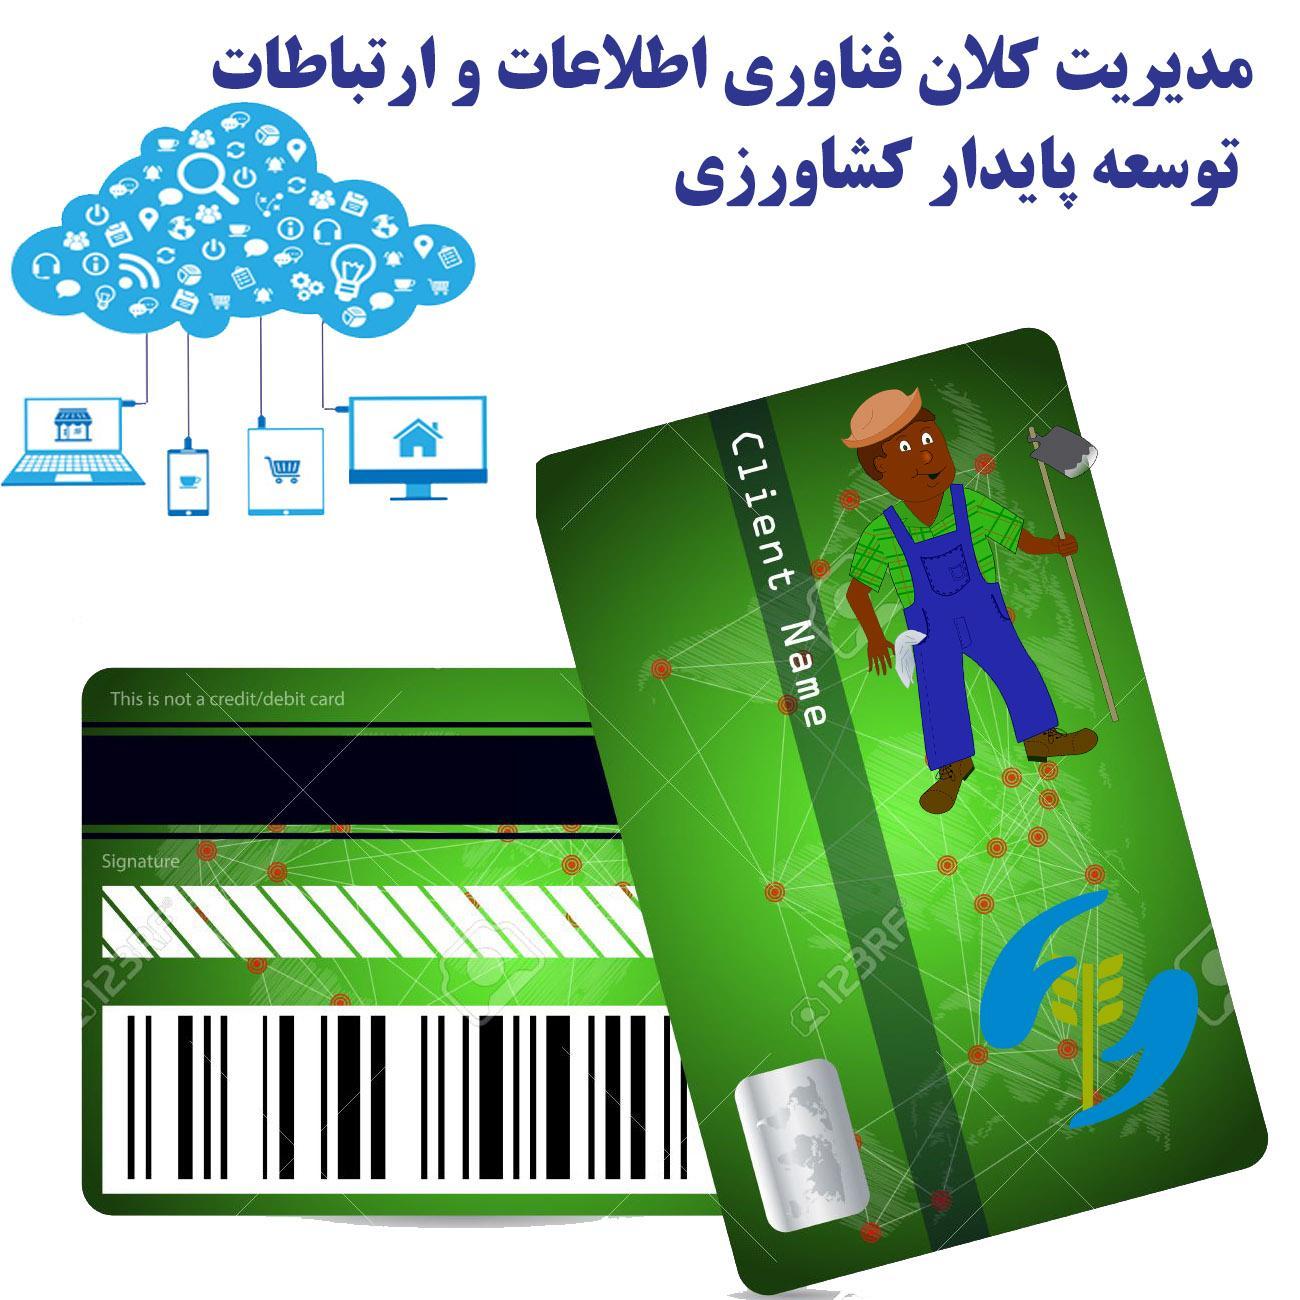 کارت هوشمند کشاورزی(مدیریت کلان فناوری اطلاعات و ارتباطات توسعه پایدار کشاورزی )